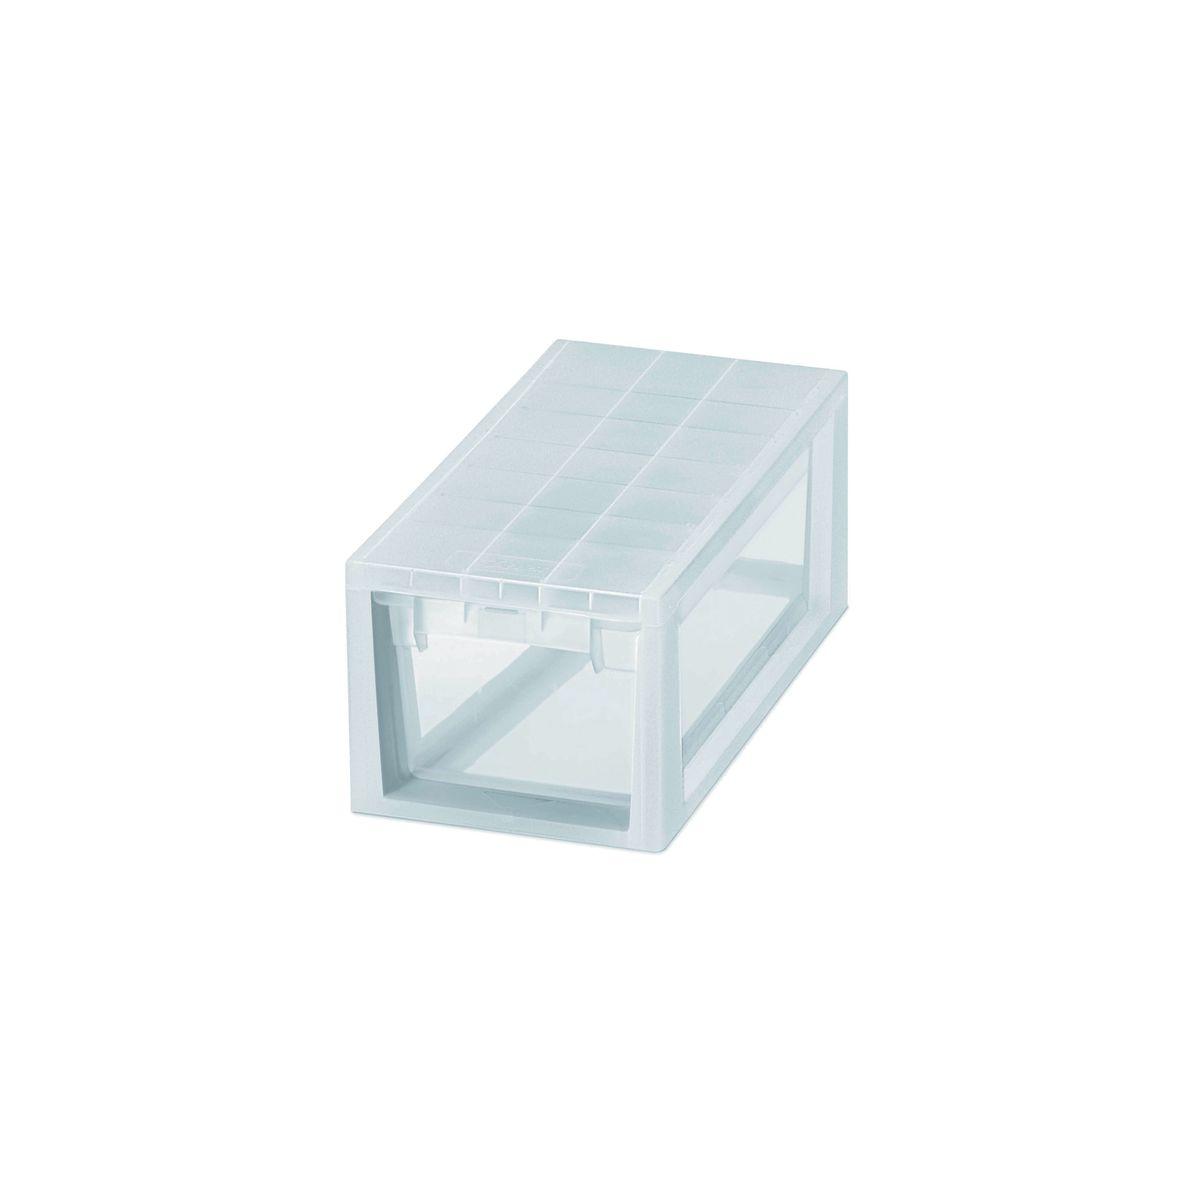 Contenitori in plastica leroy merlin cool ordine e l x p for Contenitori leroy merlin